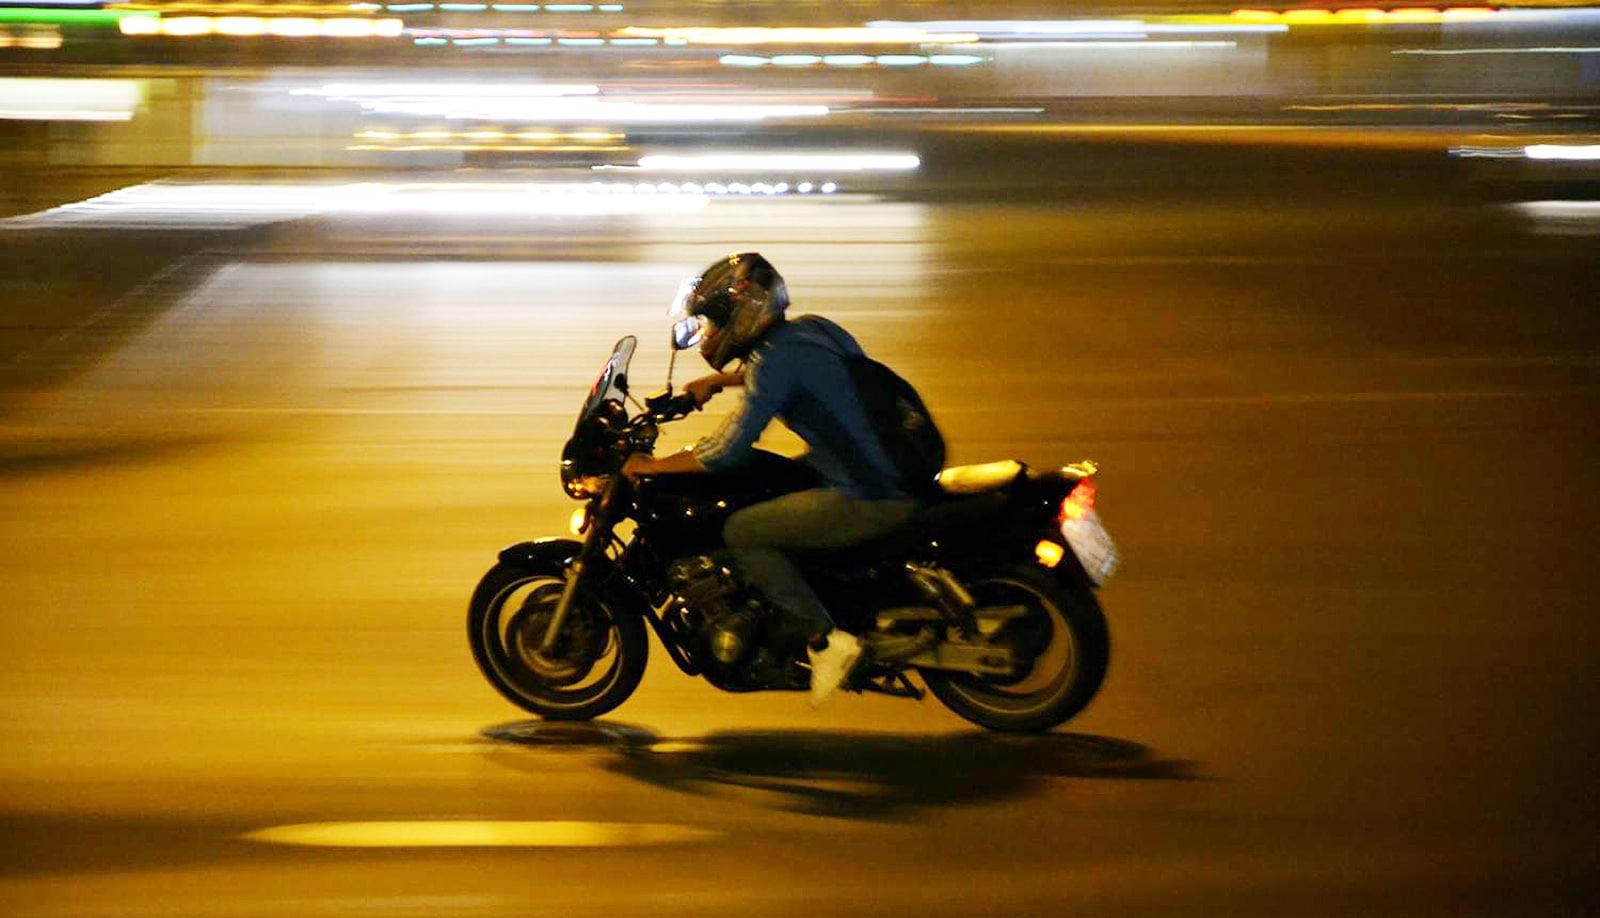 Навыки вождения мотоцикла: как избежать излишней концентрации